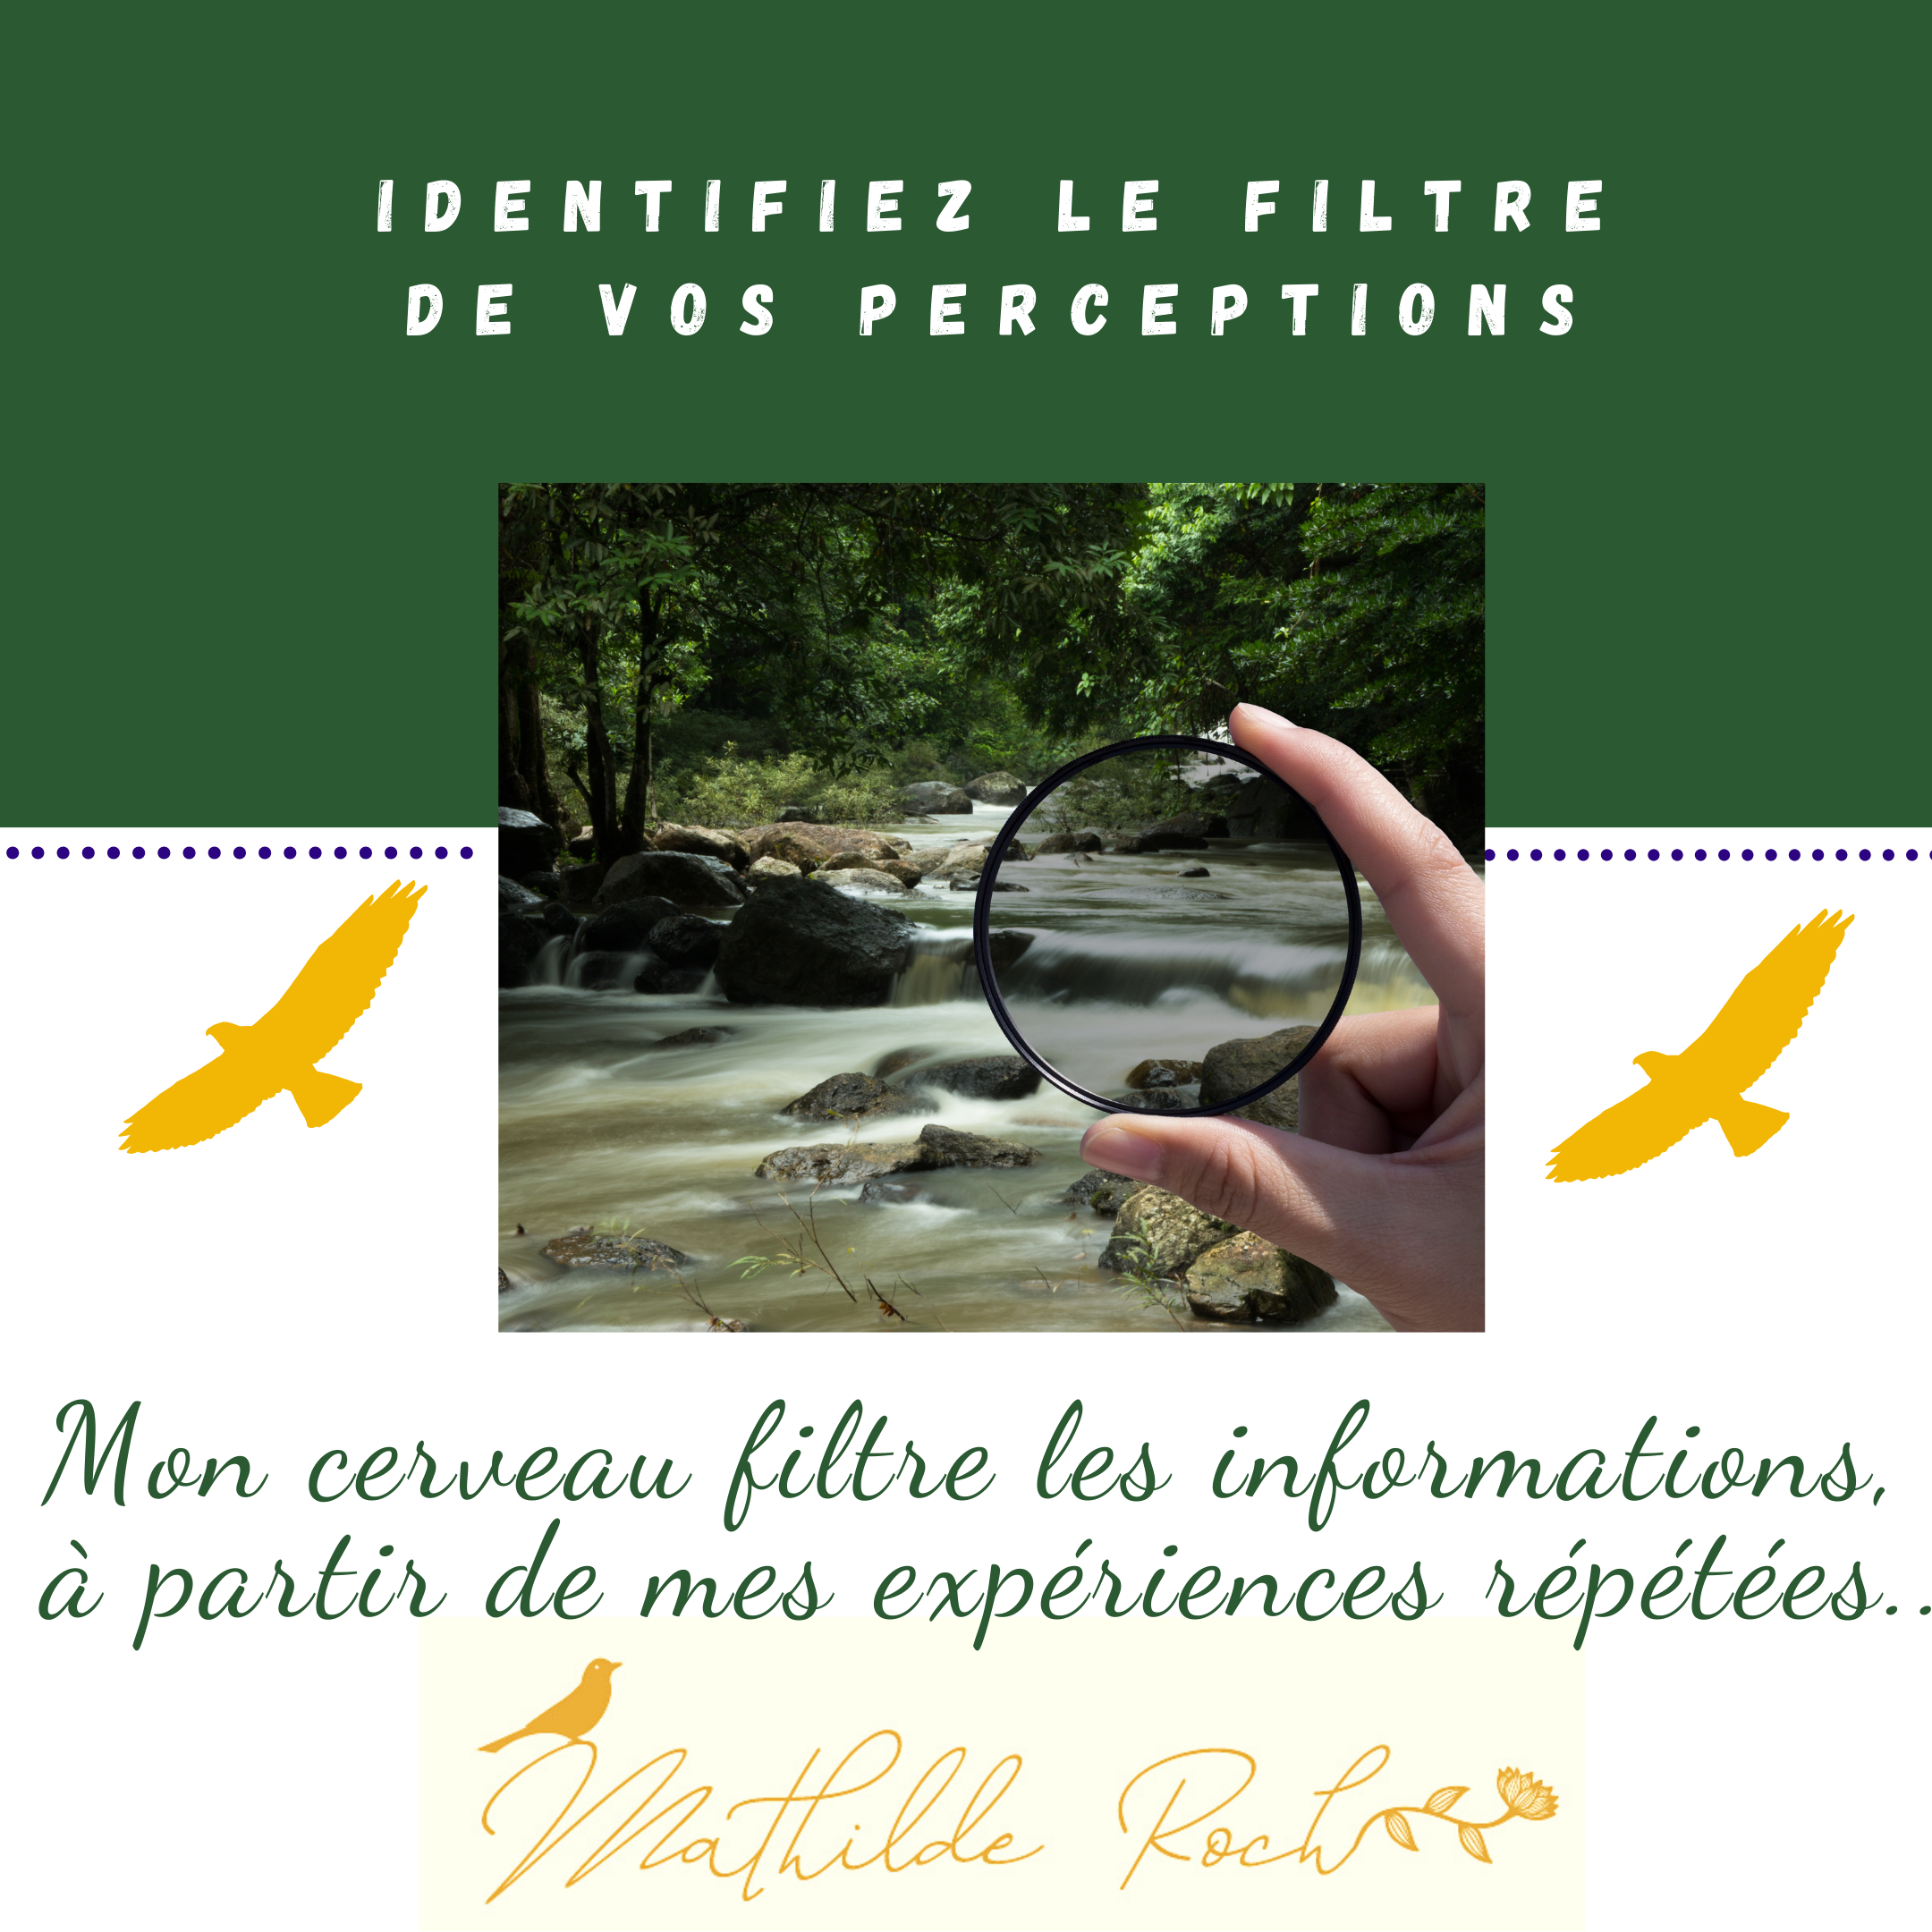 filtre de perceptions